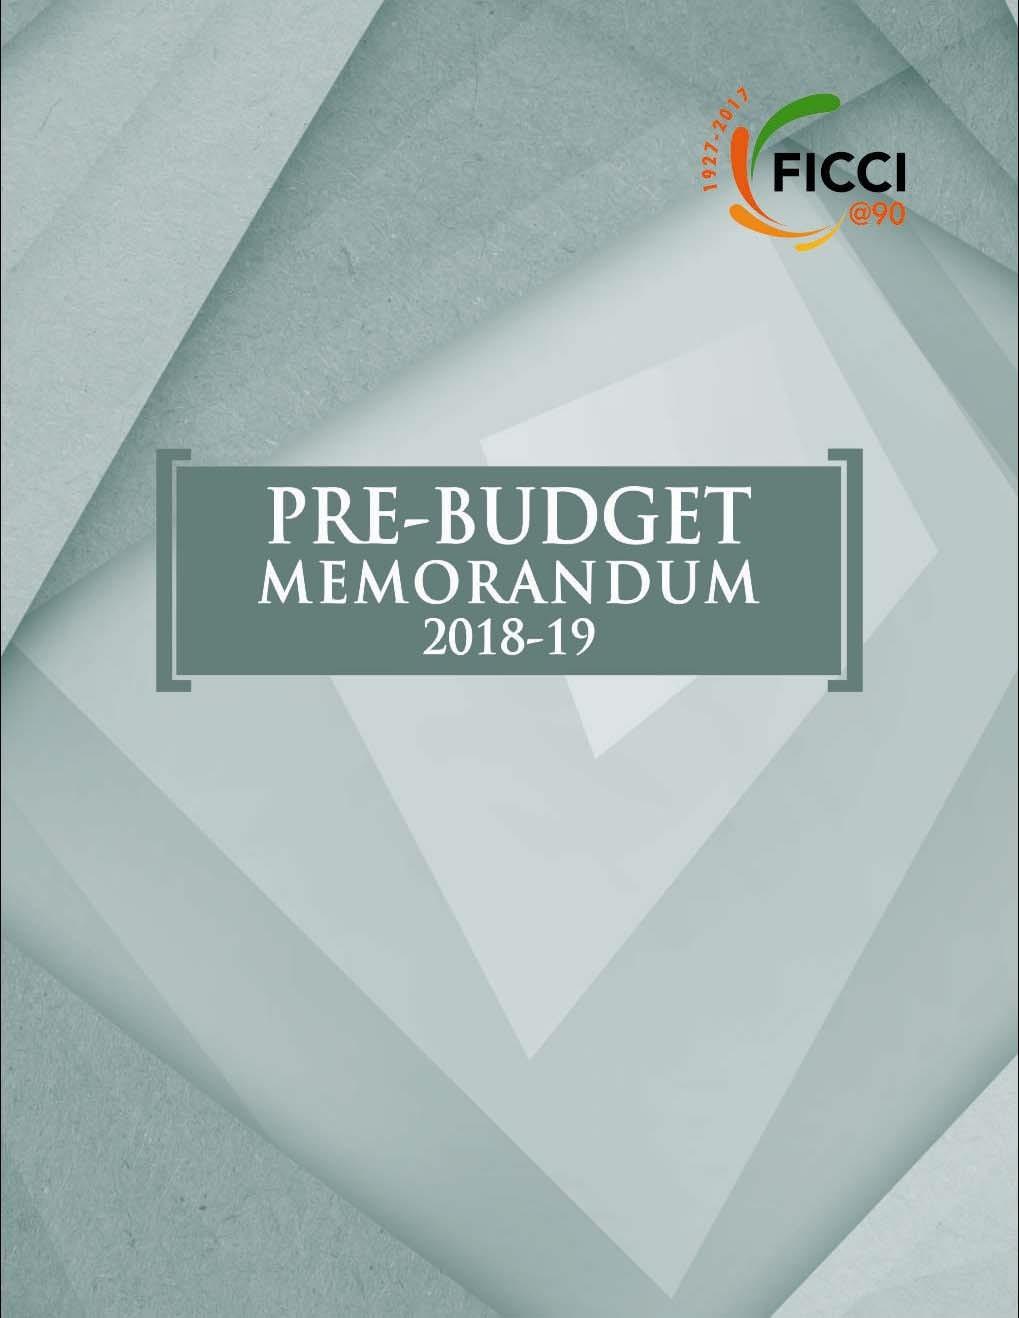 FICCI PRE-BUDGET MEMORANDUM 2018-2019